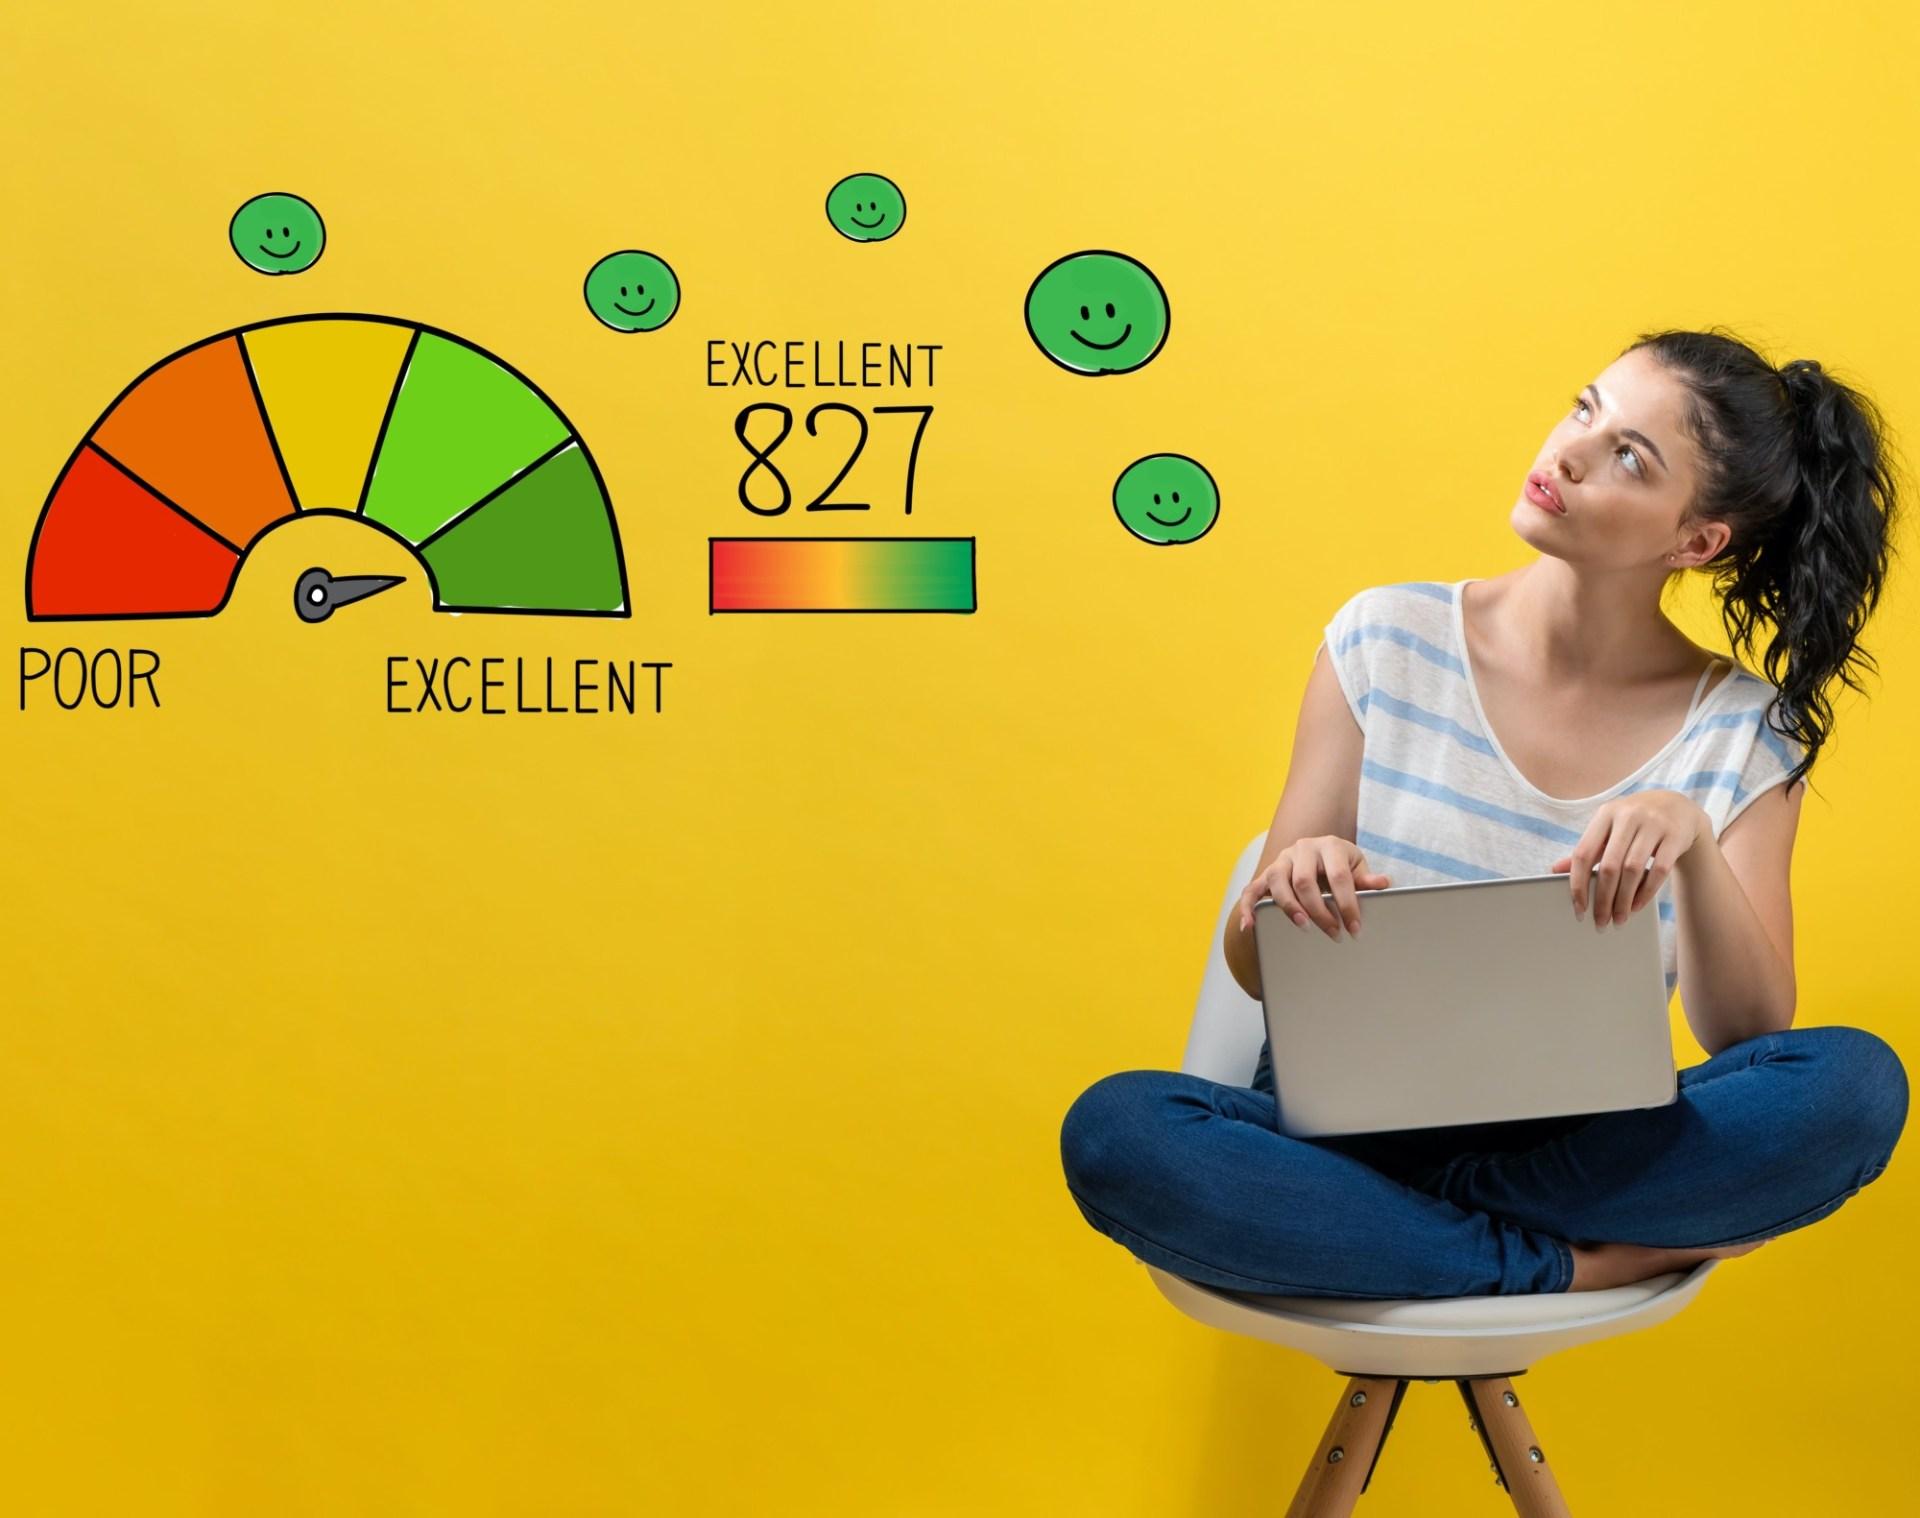 Credit Score Repair Strategies to Increase Your FICO